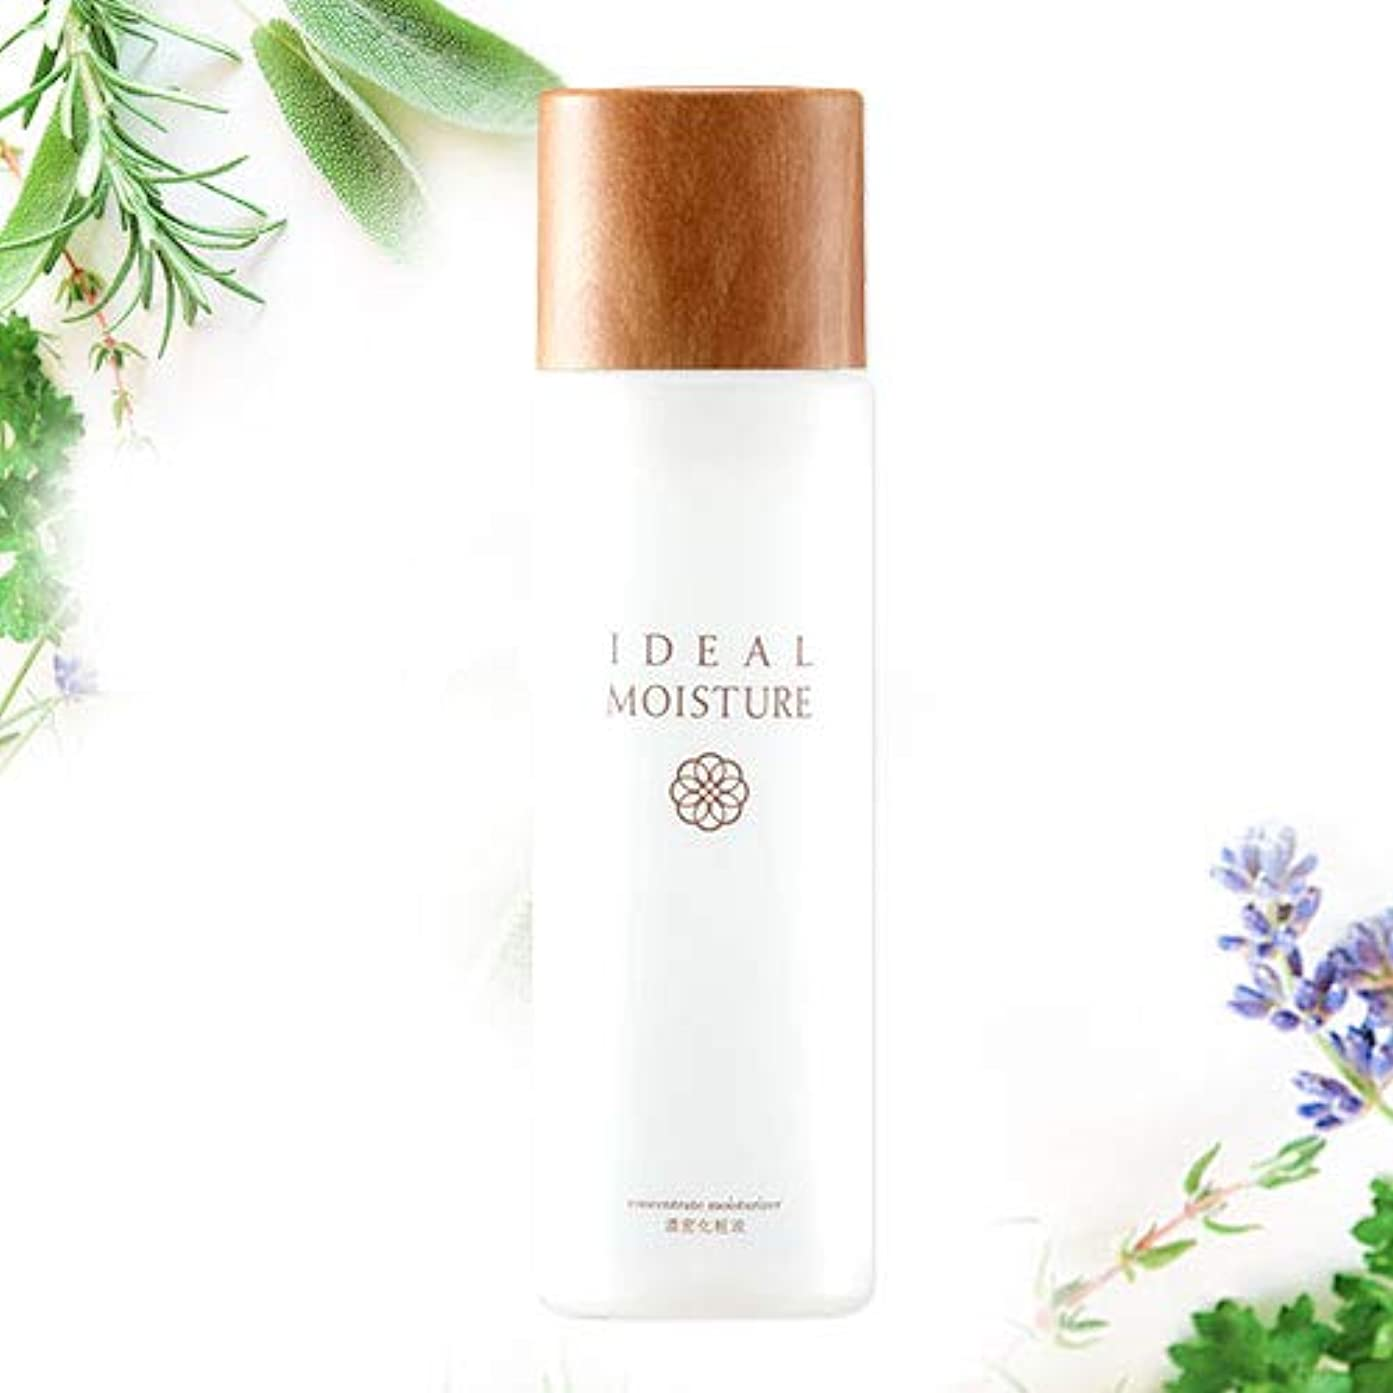 ヒステリック消費者直面するIDEAL MOISTURE(イデアルモイスチャー)濃密化粧液